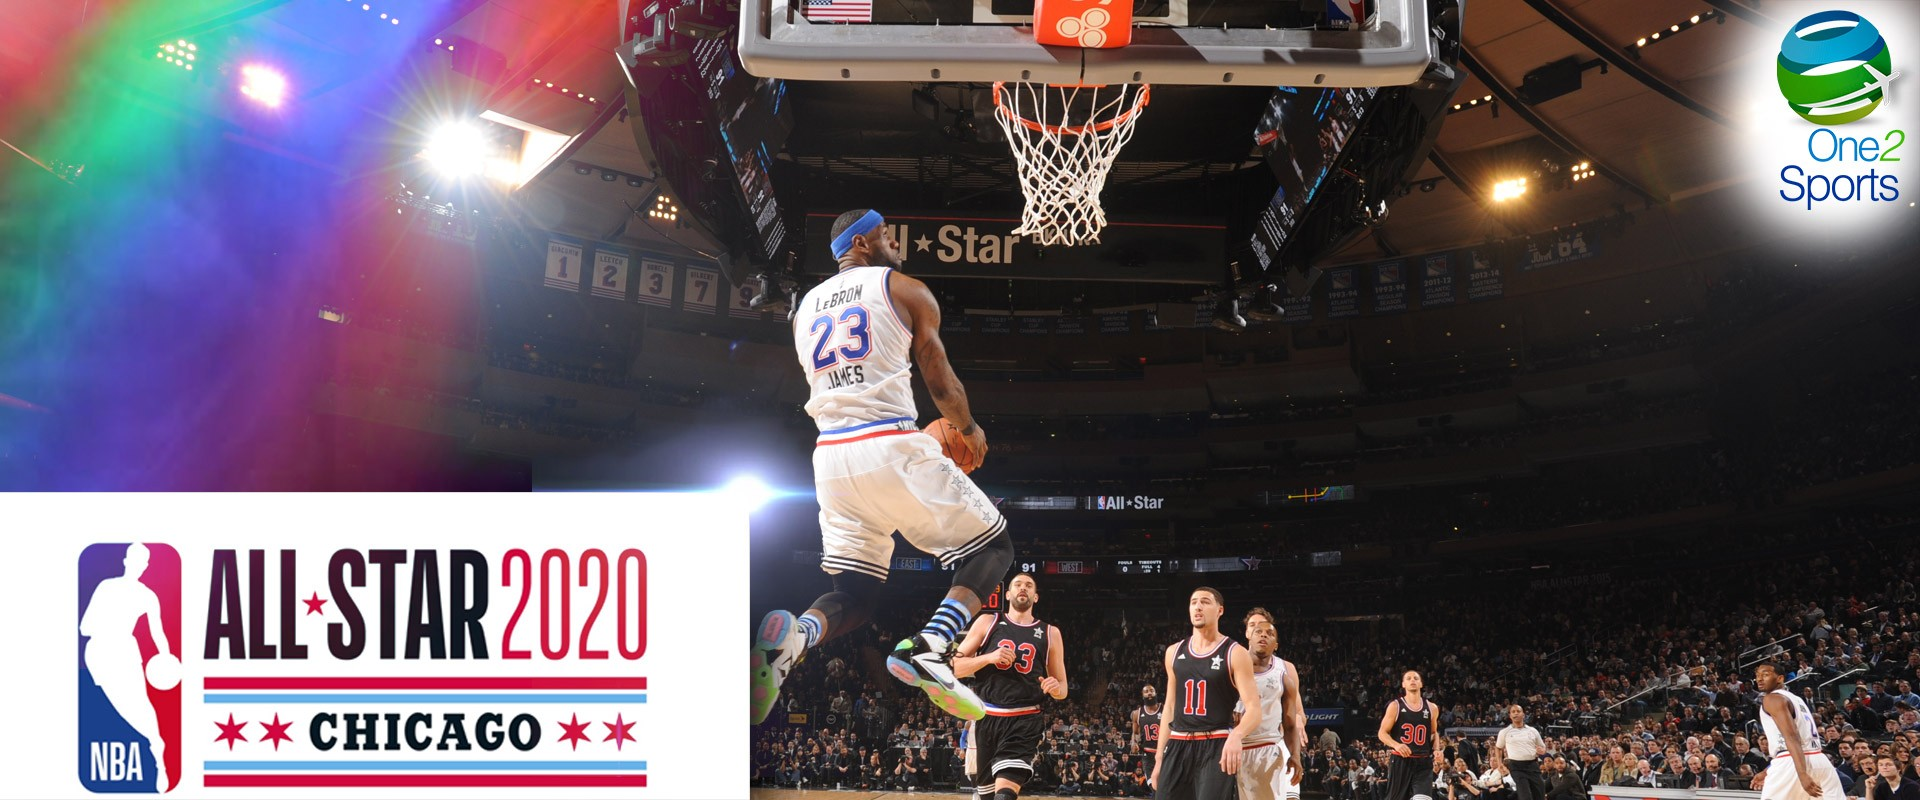 ALL STARS 2020